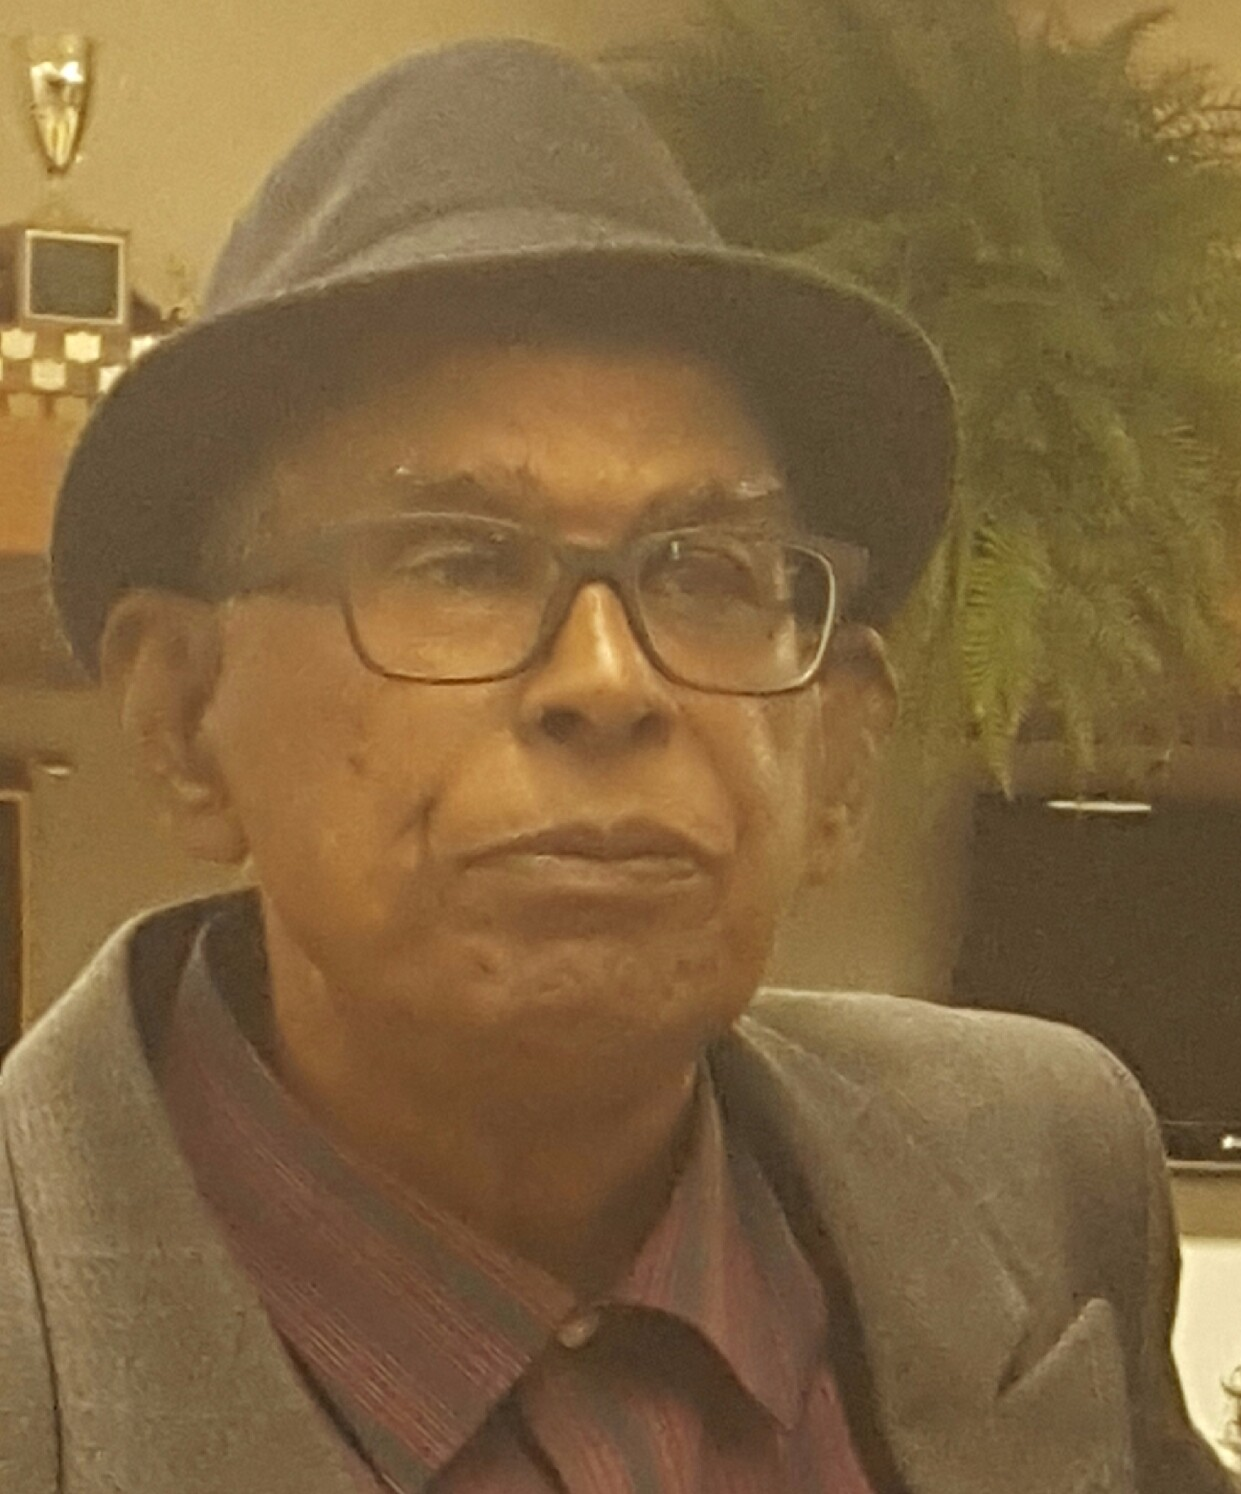 Baburam Sukhdeo